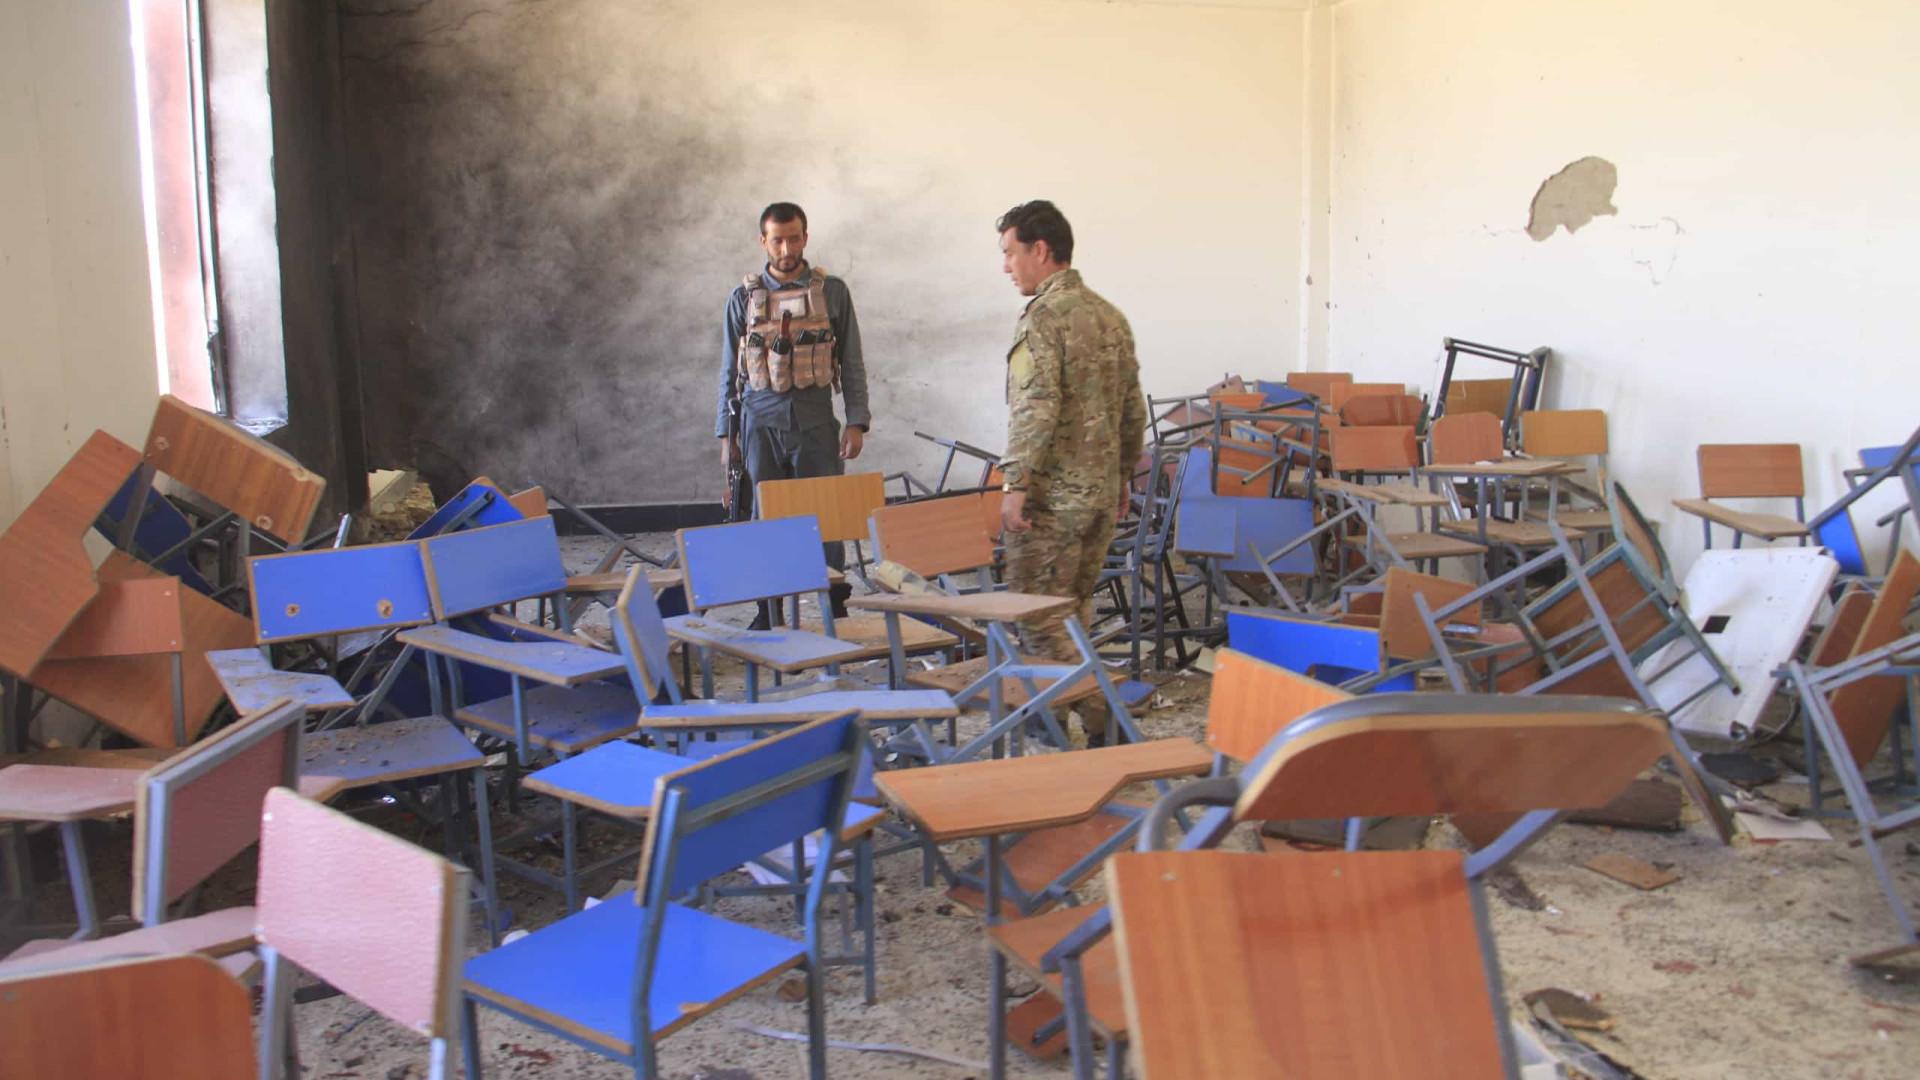 23 estudantes ficam feridos em ataque a bomba em universidade afegã